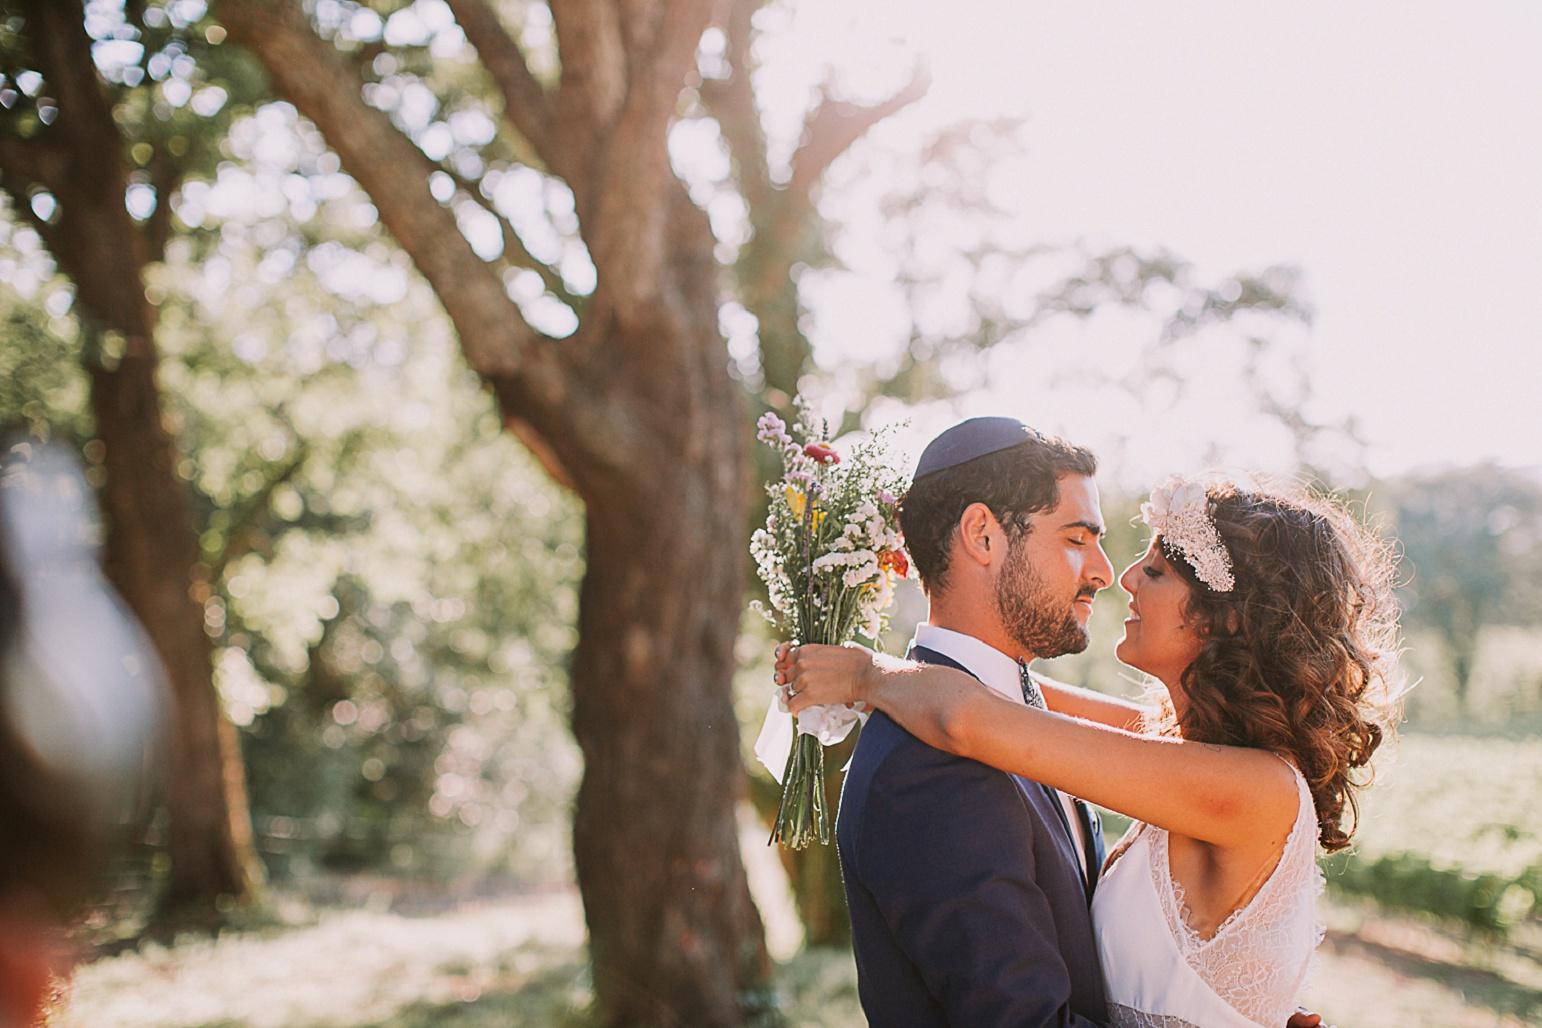 kateryna-photos-mariage-photographe-chateau-maime-aix-nice-provence-wedding-arcs-sur-argens_0099.jpg